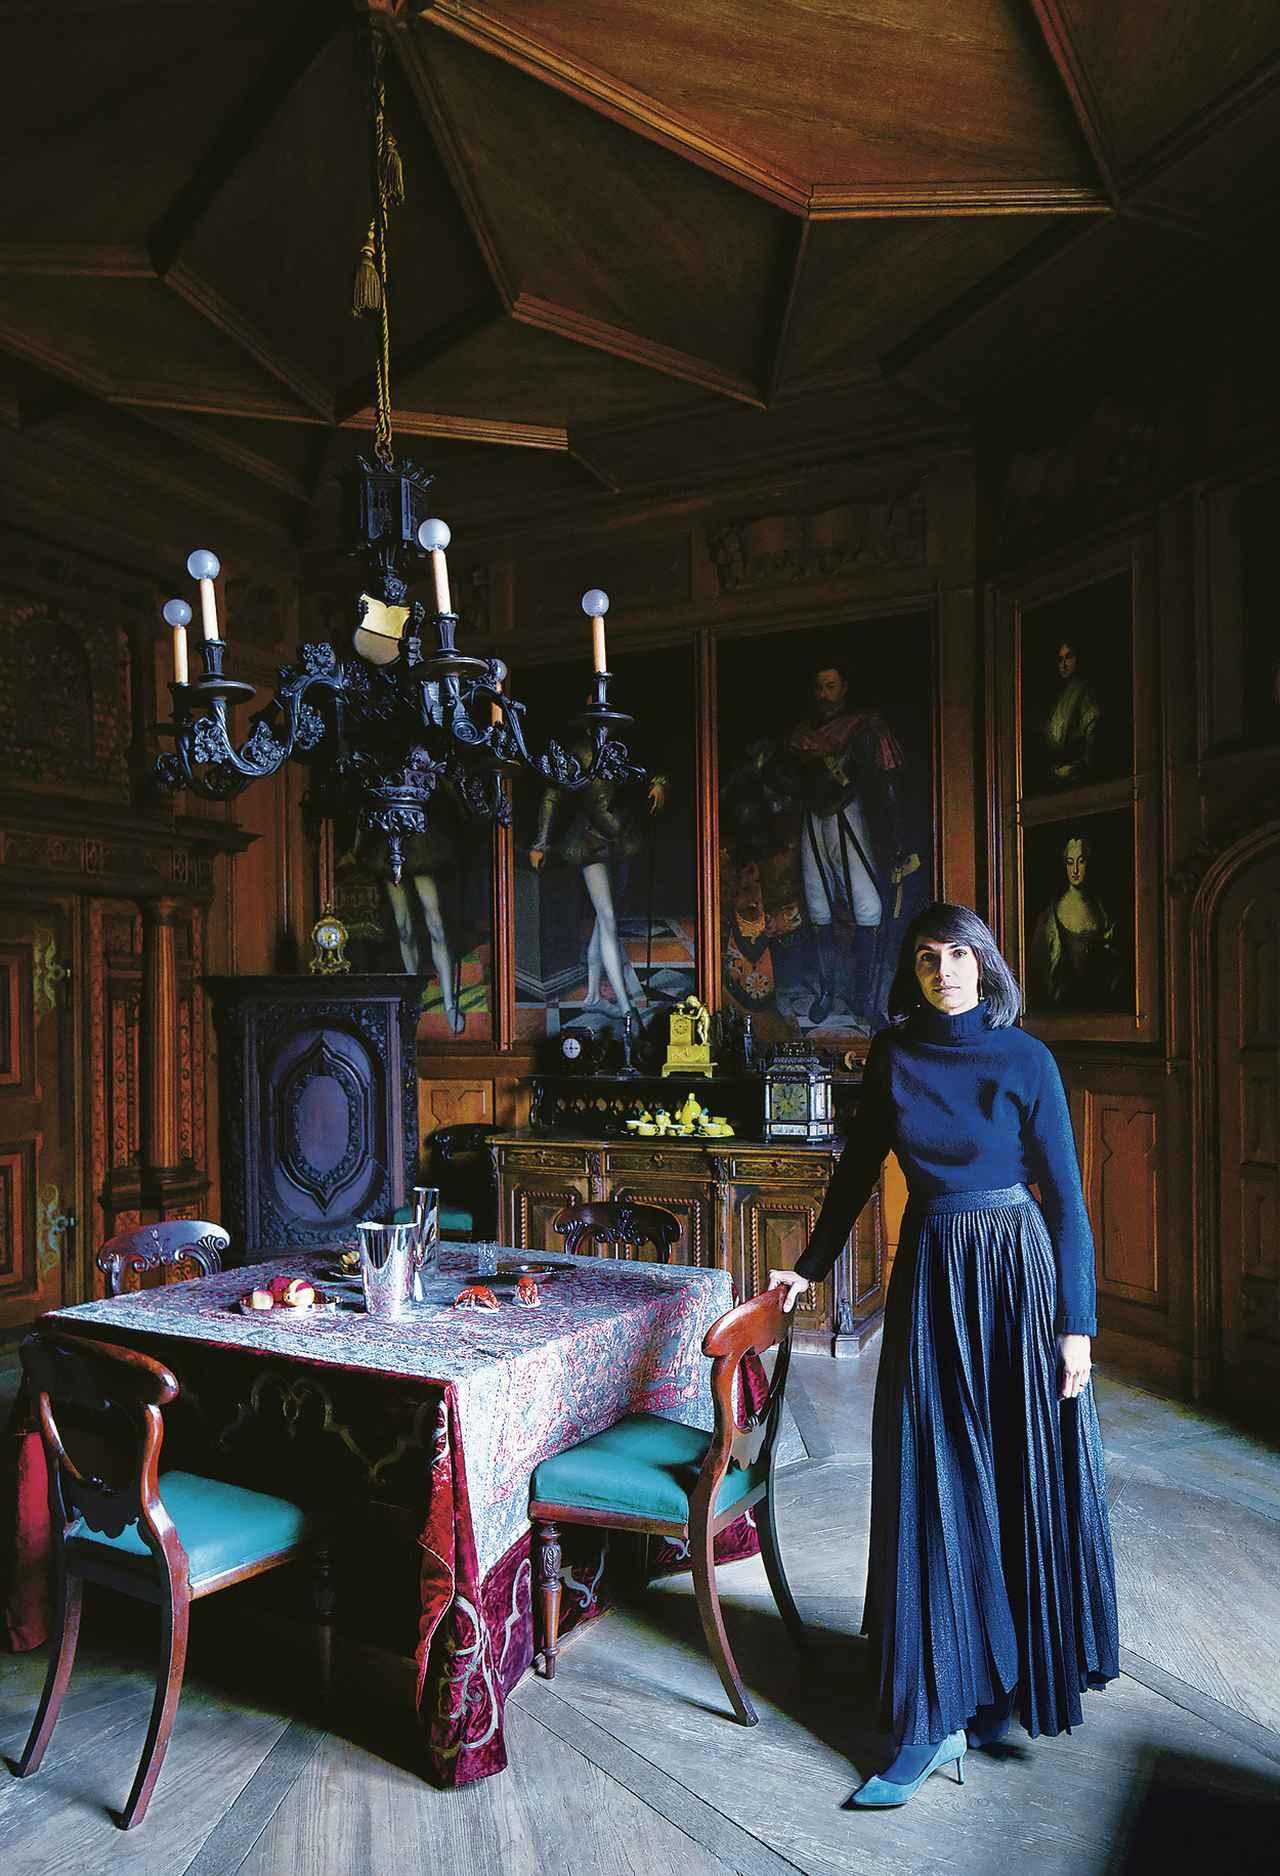 画像: 冬用のこぢんまりとしたダイニングルームに立つ、キュレーターのアリス・ストリ・リヒテンシュタイン。この部屋は、大きな部屋全体を暖房で暖めるのが難しかった頃に使用していた。銀のオブジェは、2017年に城に住み込んでいたデザイナーのひとり、ステファニー・ホーニックの作品。この部屋が初めて一般客に公開されたときの展覧会で発表された